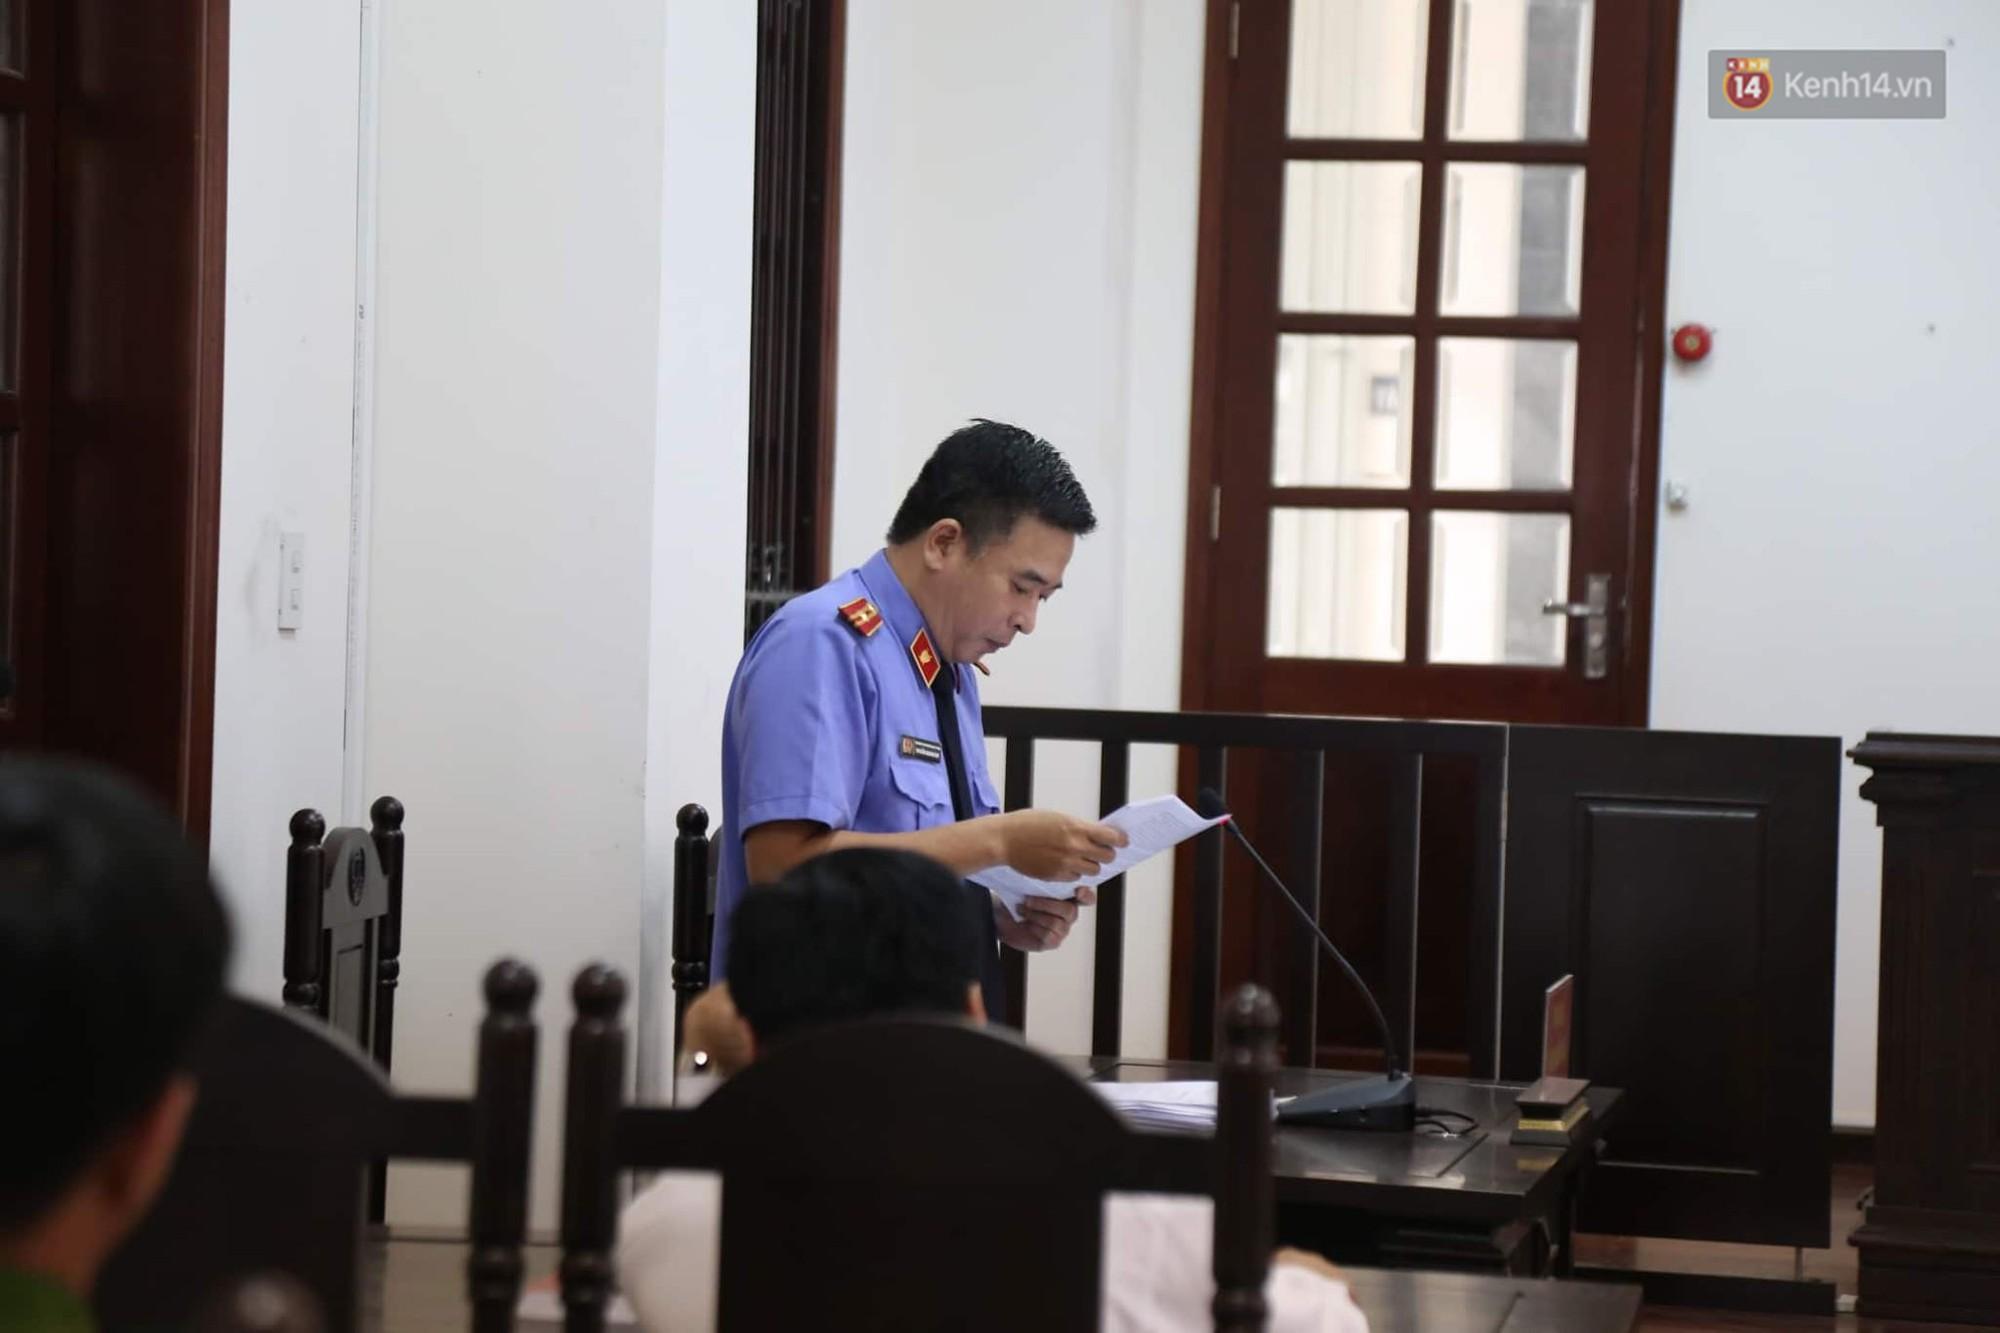 Kiểm sát viên đọc bản cáo trạng vụ án